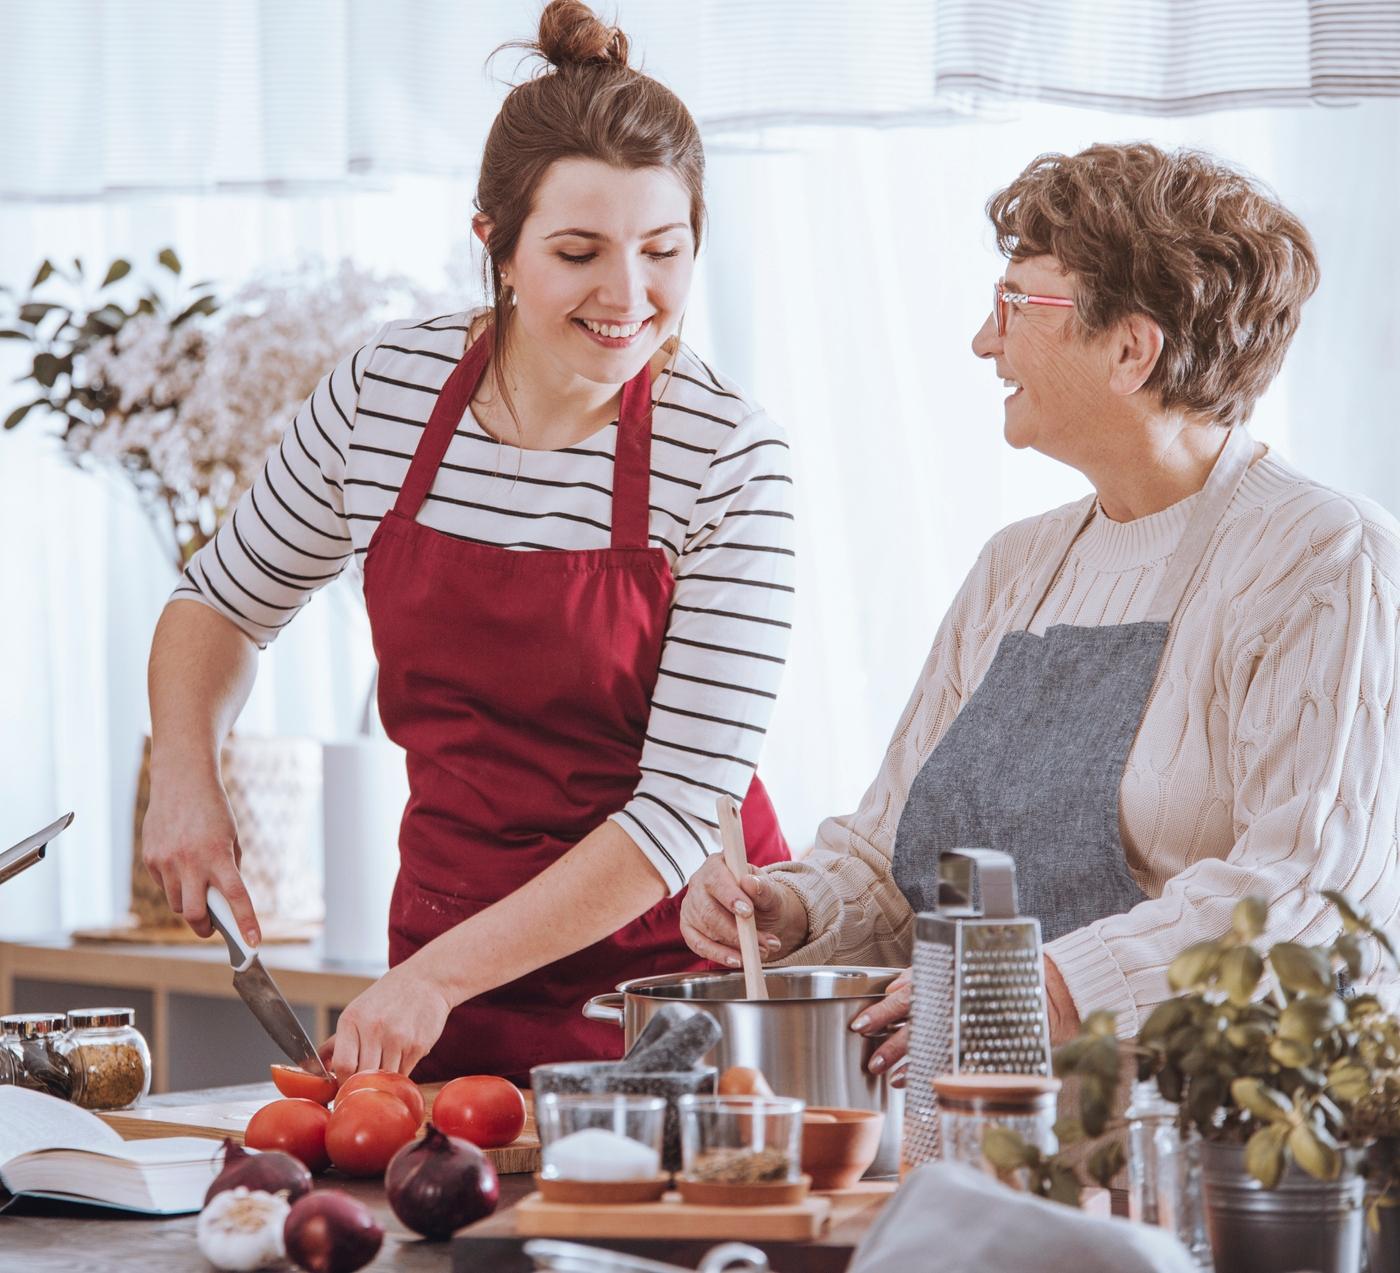 duas mulheres cozinham juntas